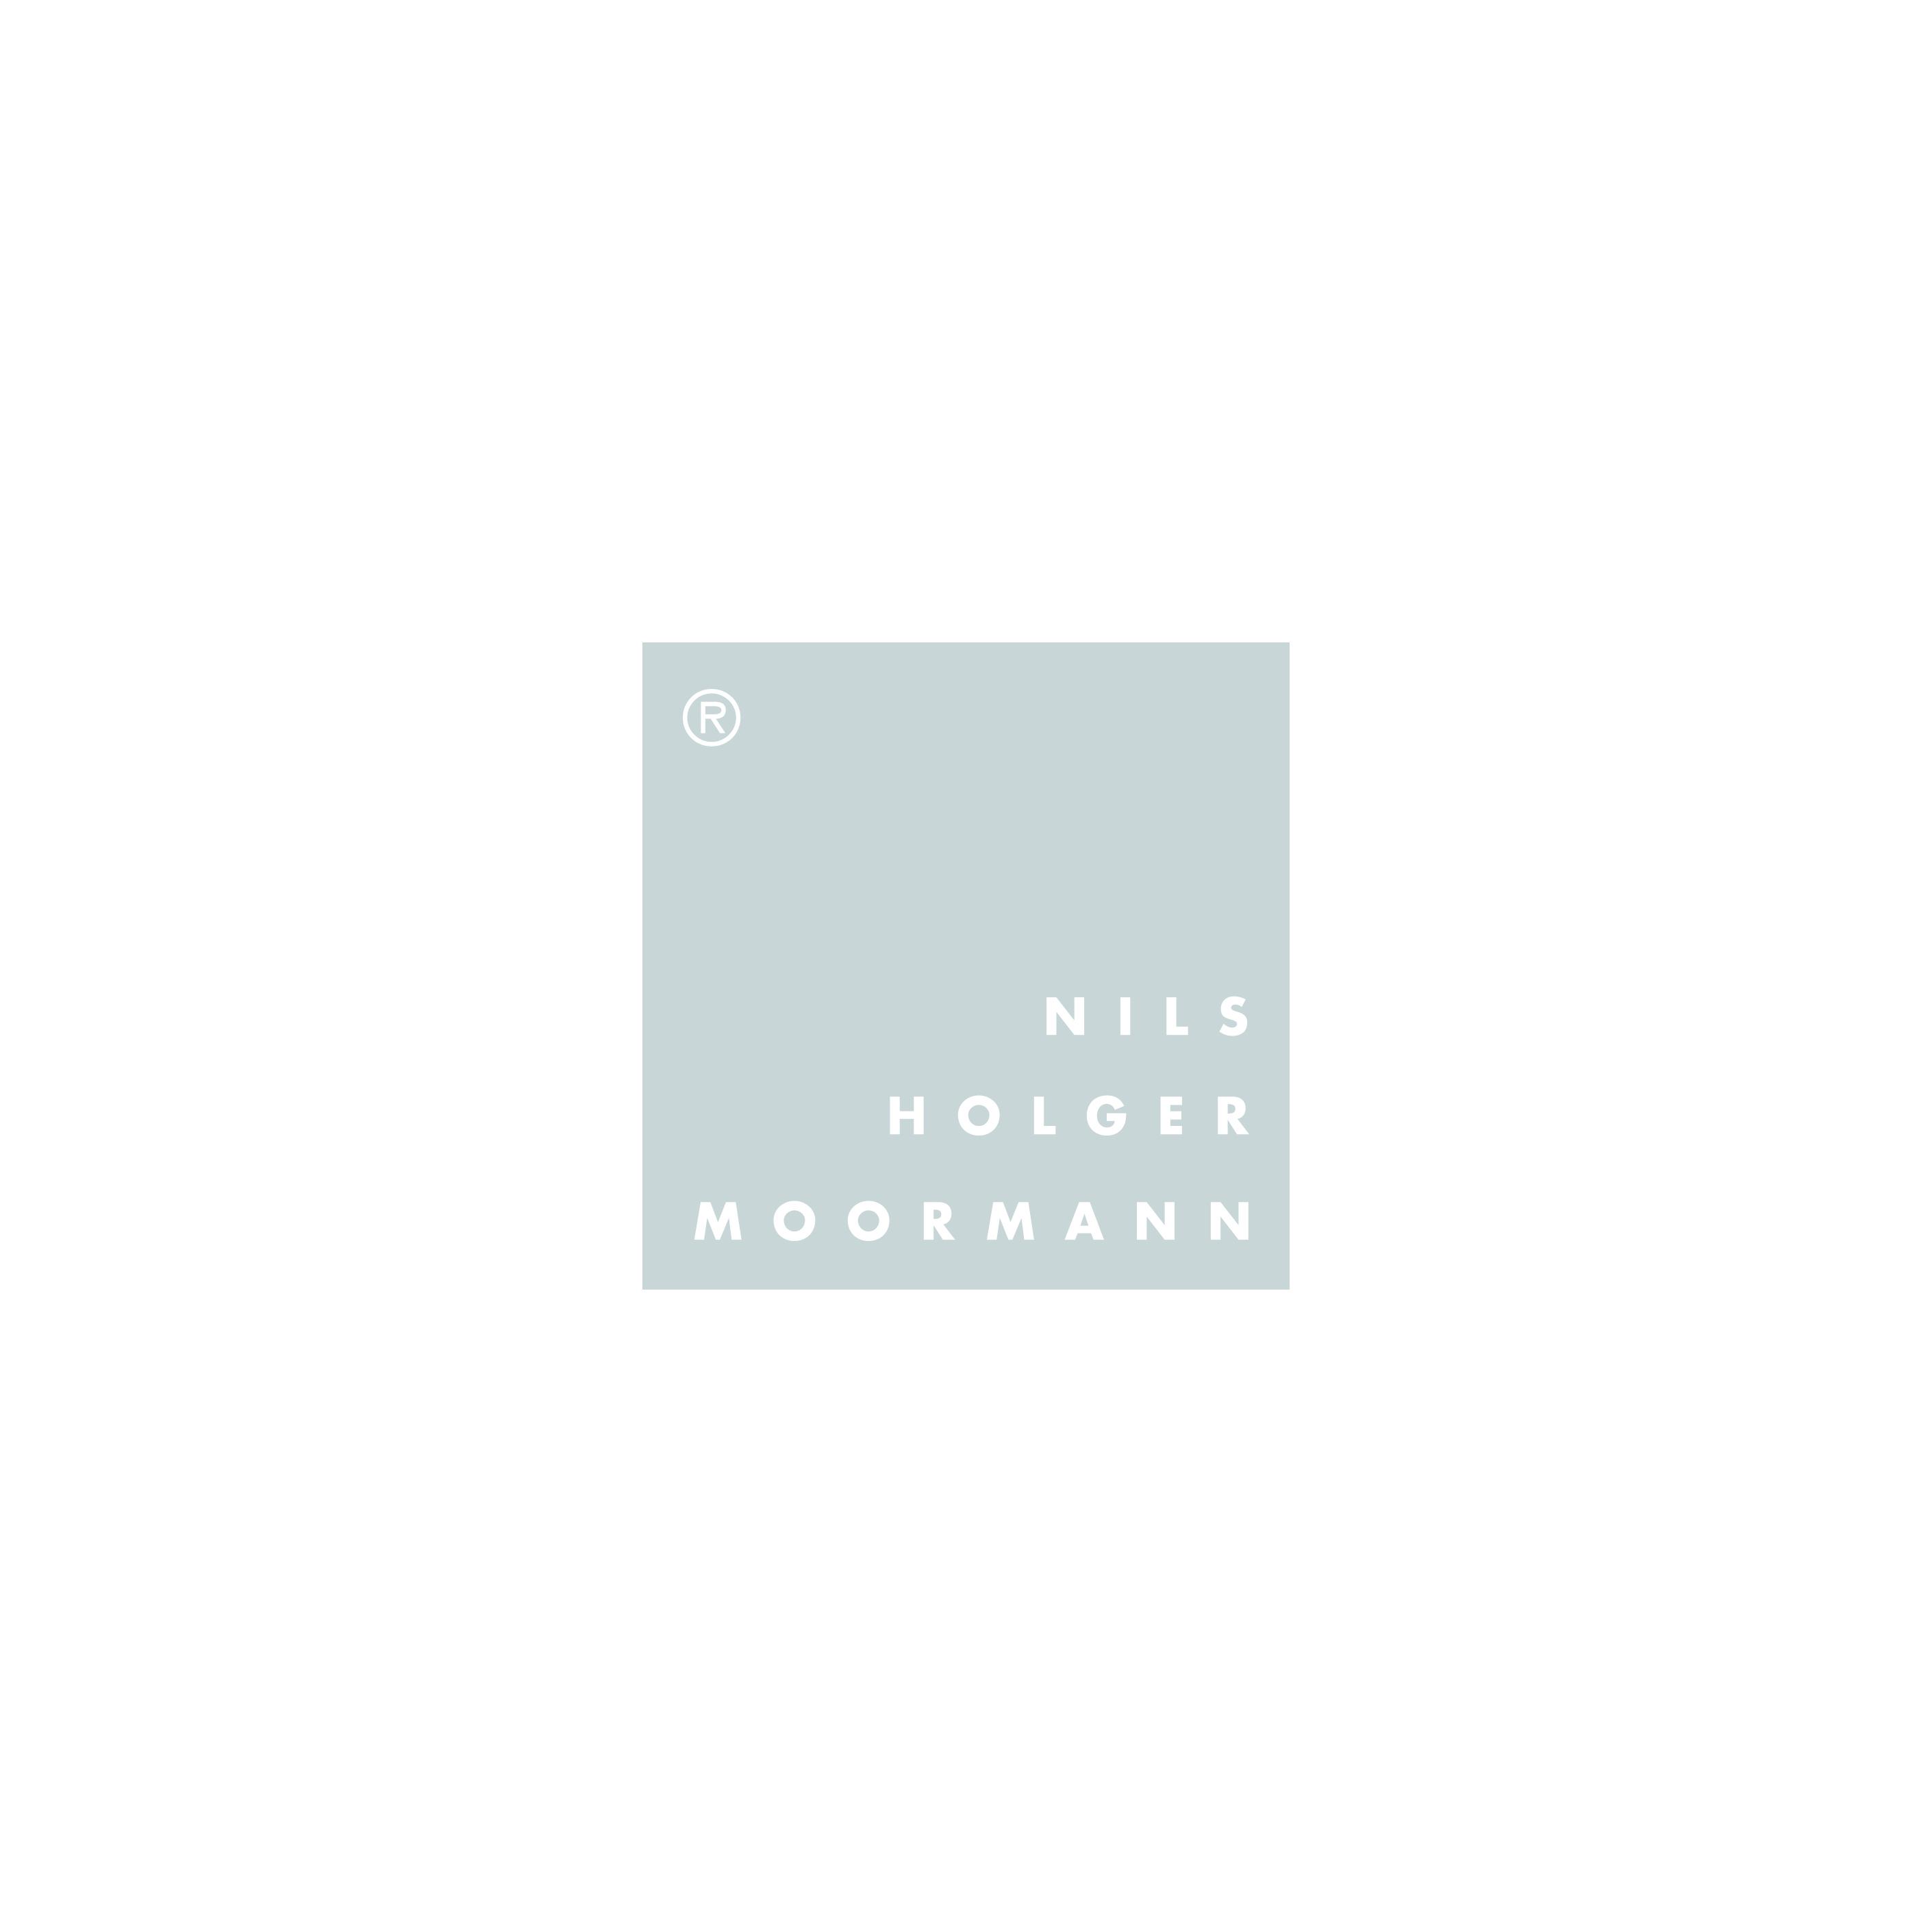 FNP   Nils Holger Moormann GmbH